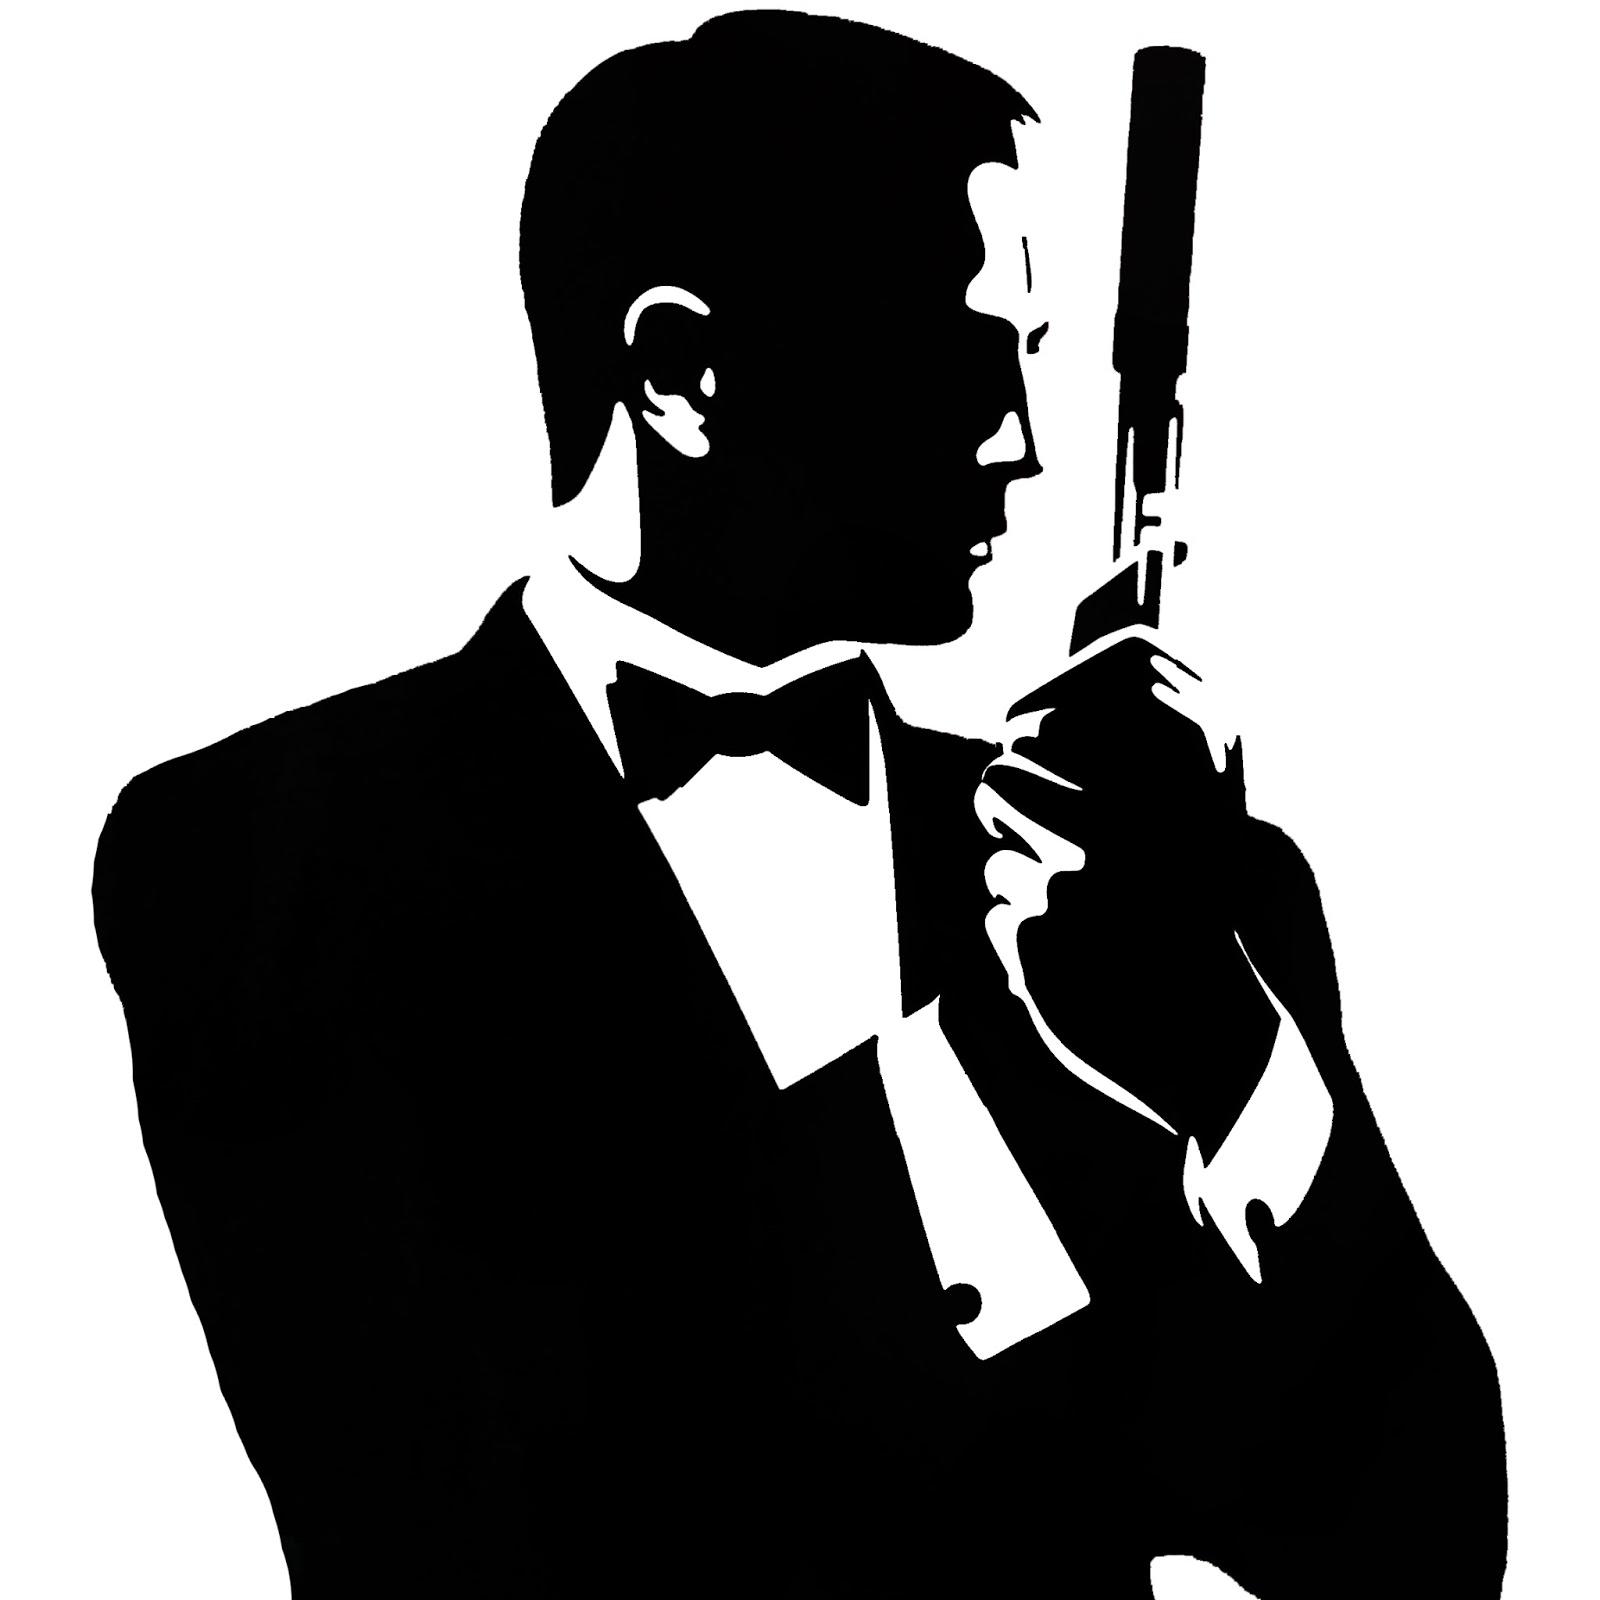 коробка картинки черно-белые силуэт мистер бонд классика спальни